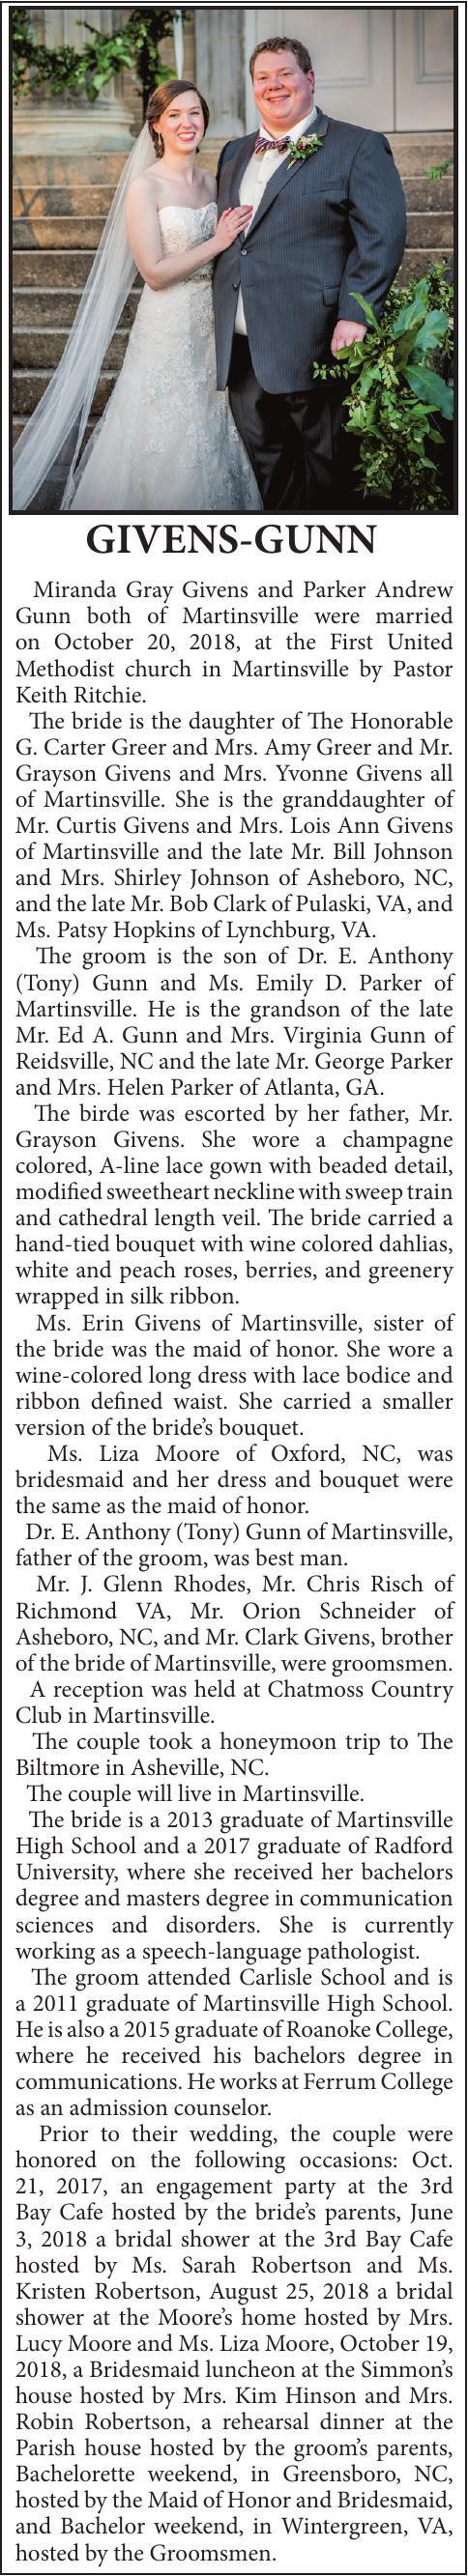 WEDDING -  GIVENS-GUNN  MARCH 31, 2019